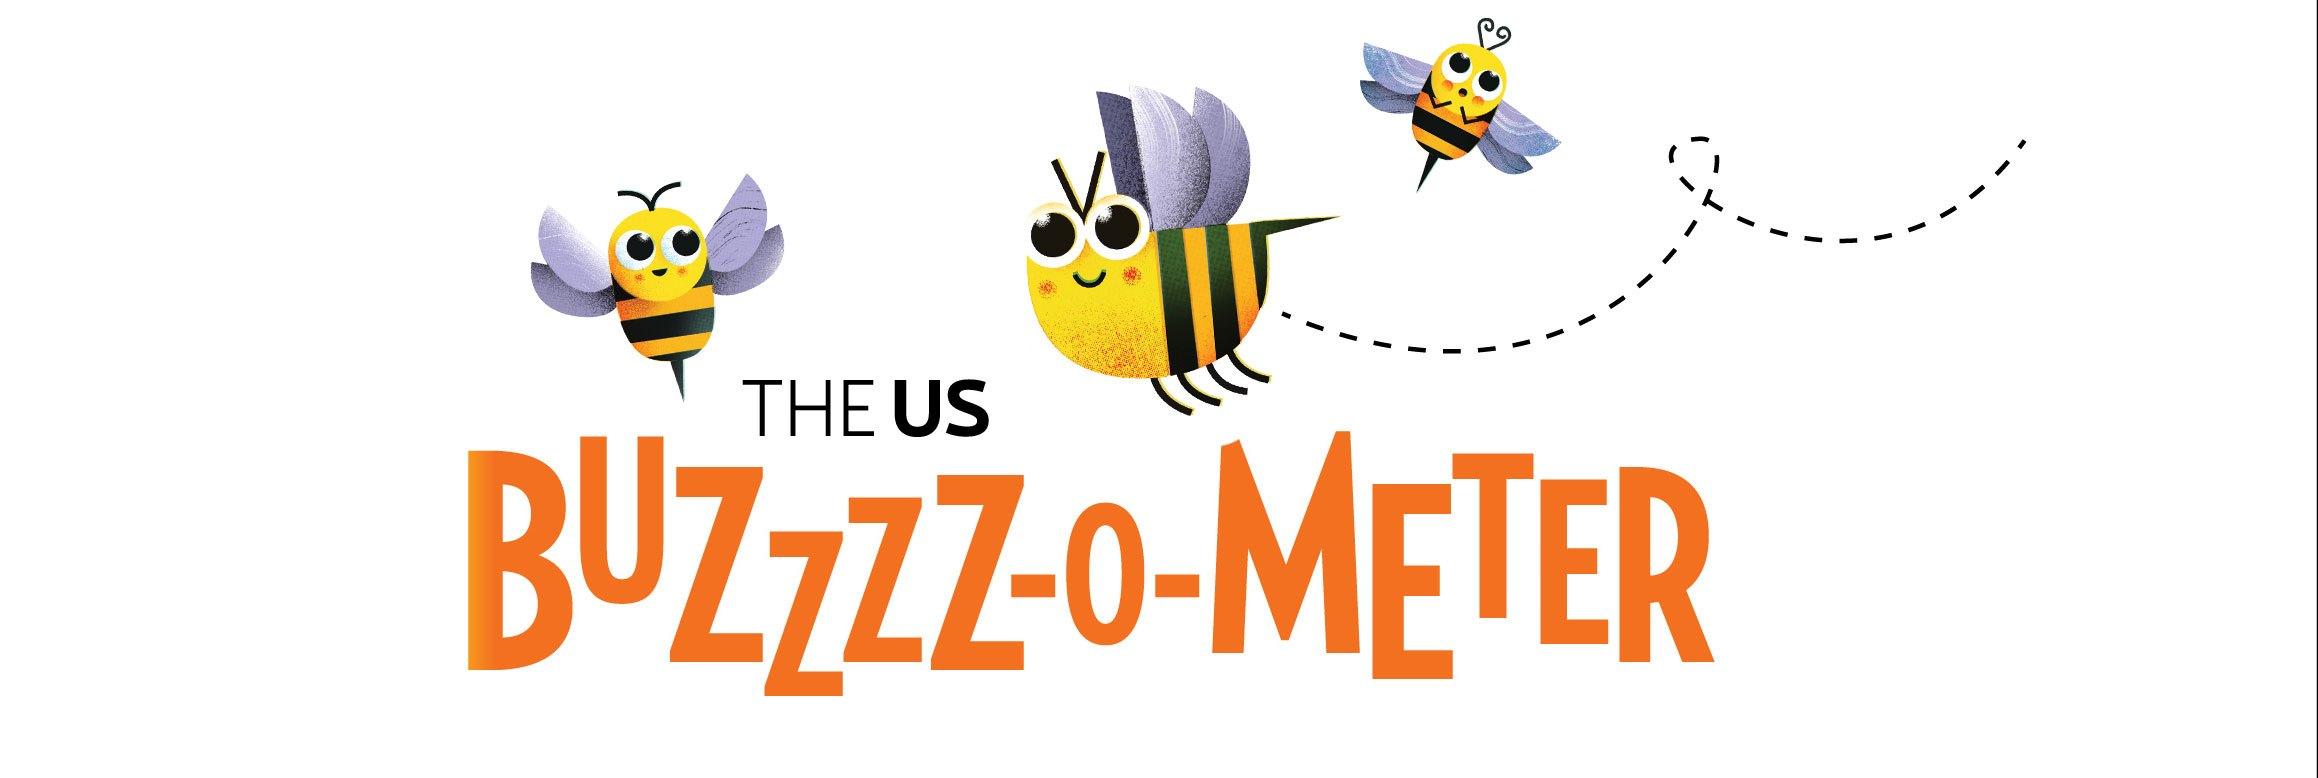 buzzzz-o-meter